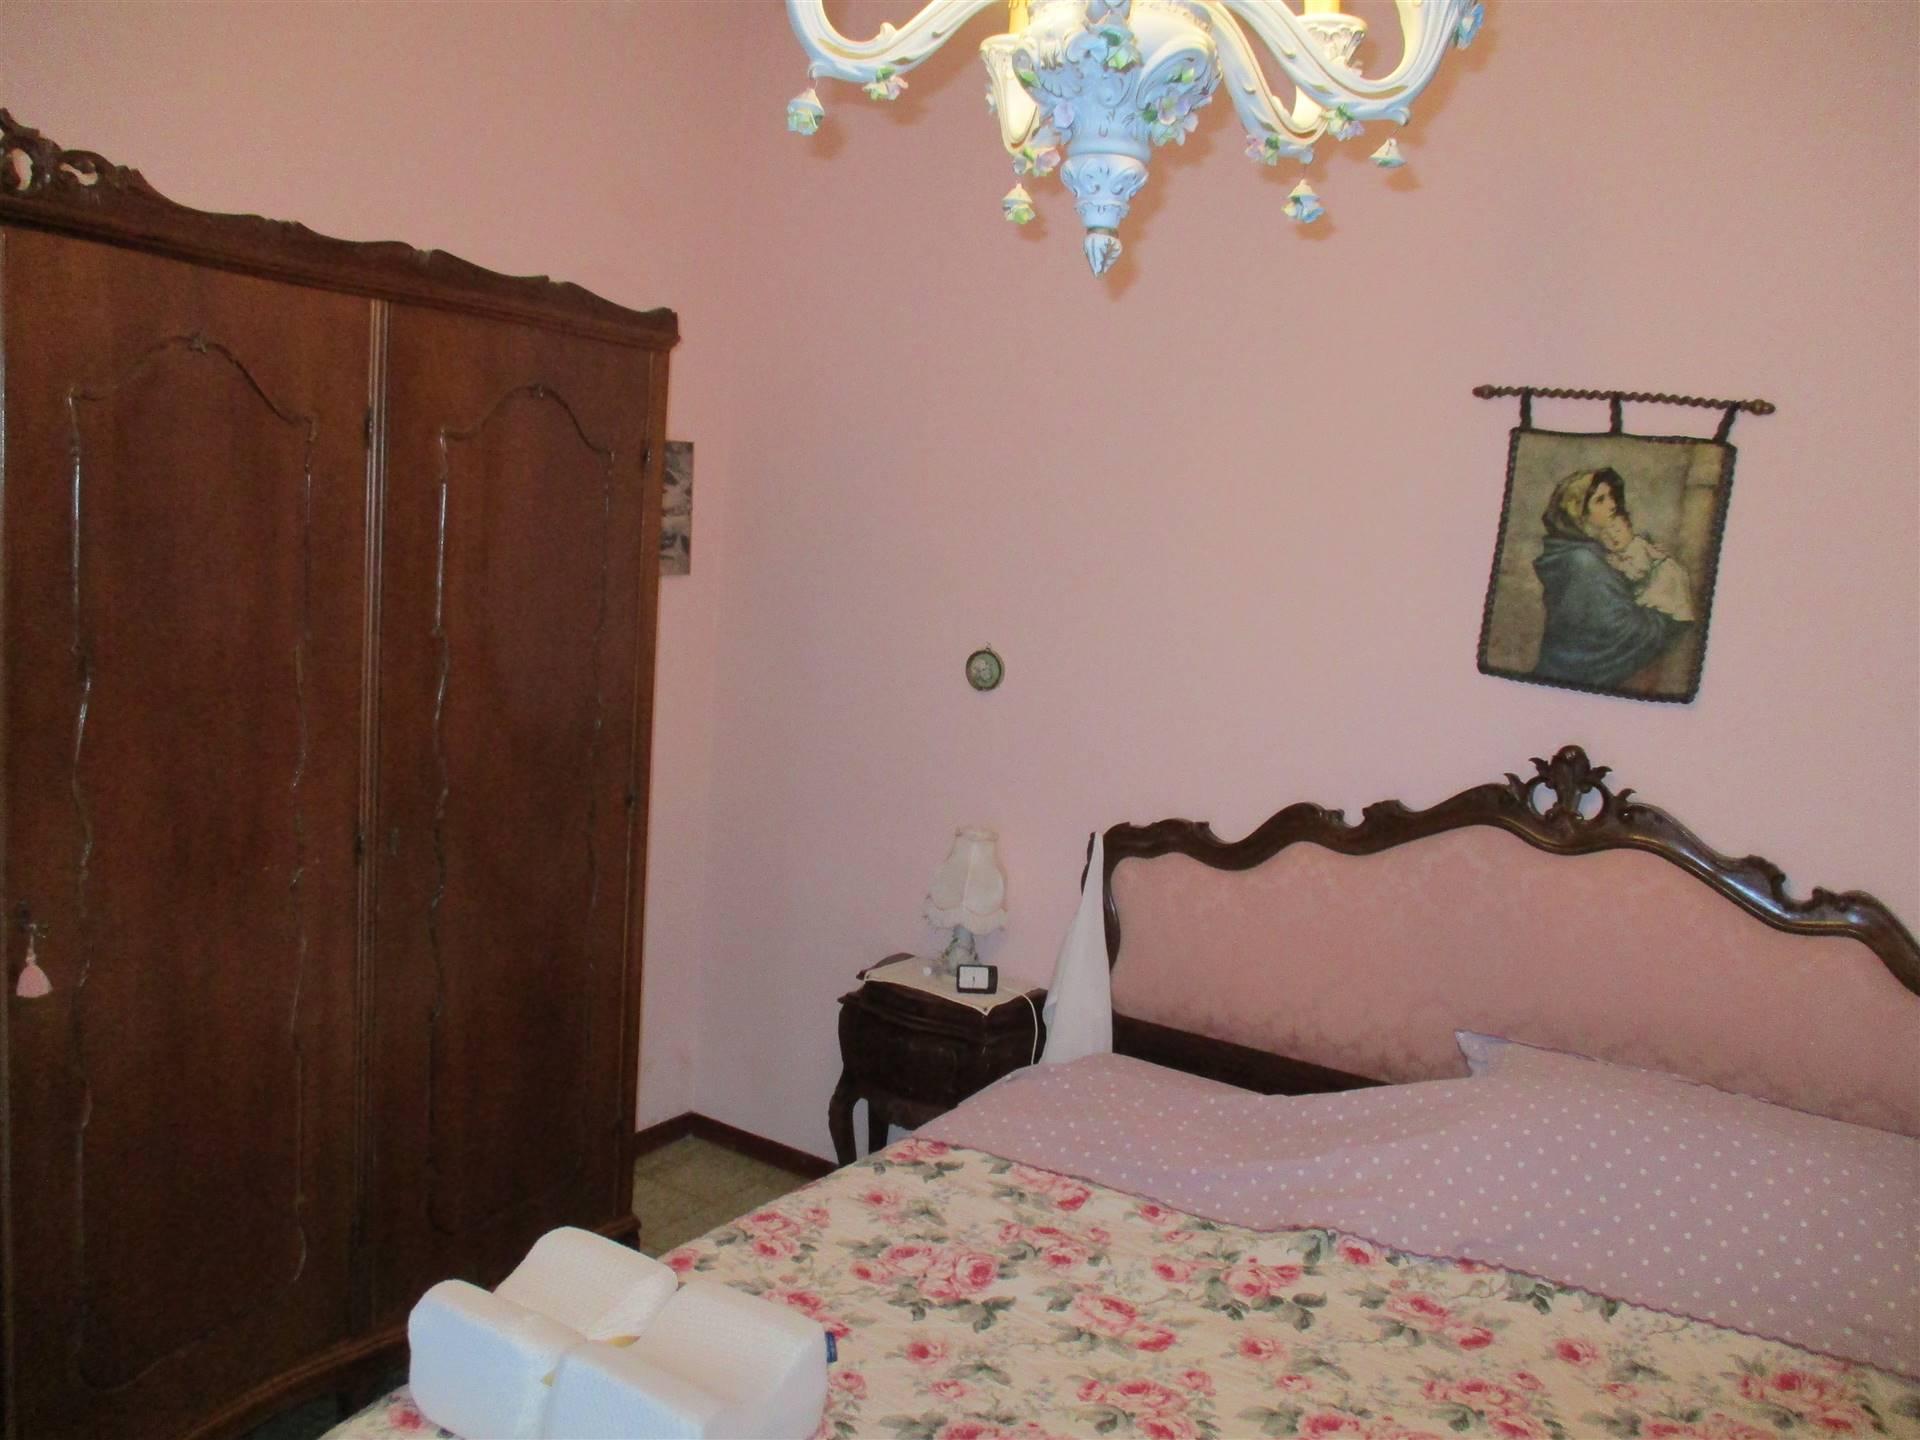 Appartamento in Vendita a Poggio a caiano zona  - immagine 13